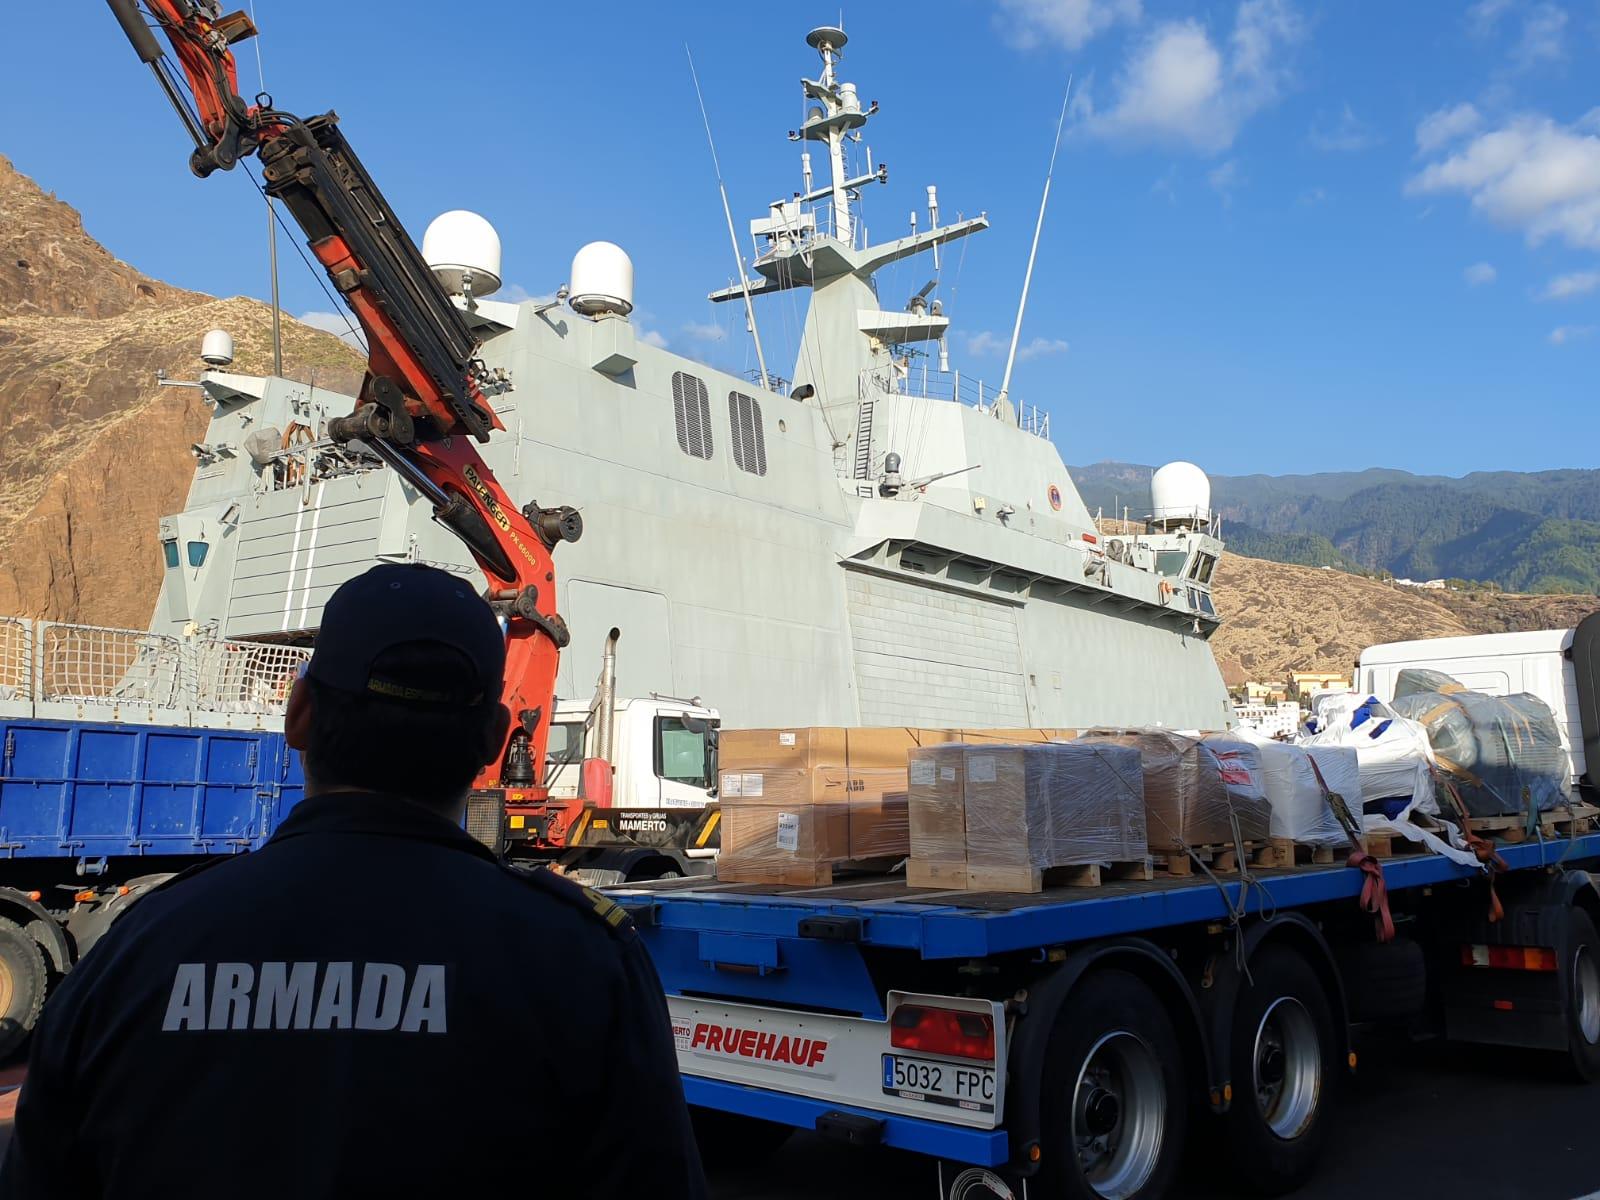 La Armada traslada material necesario para la instalación de desaladoras en La Palma